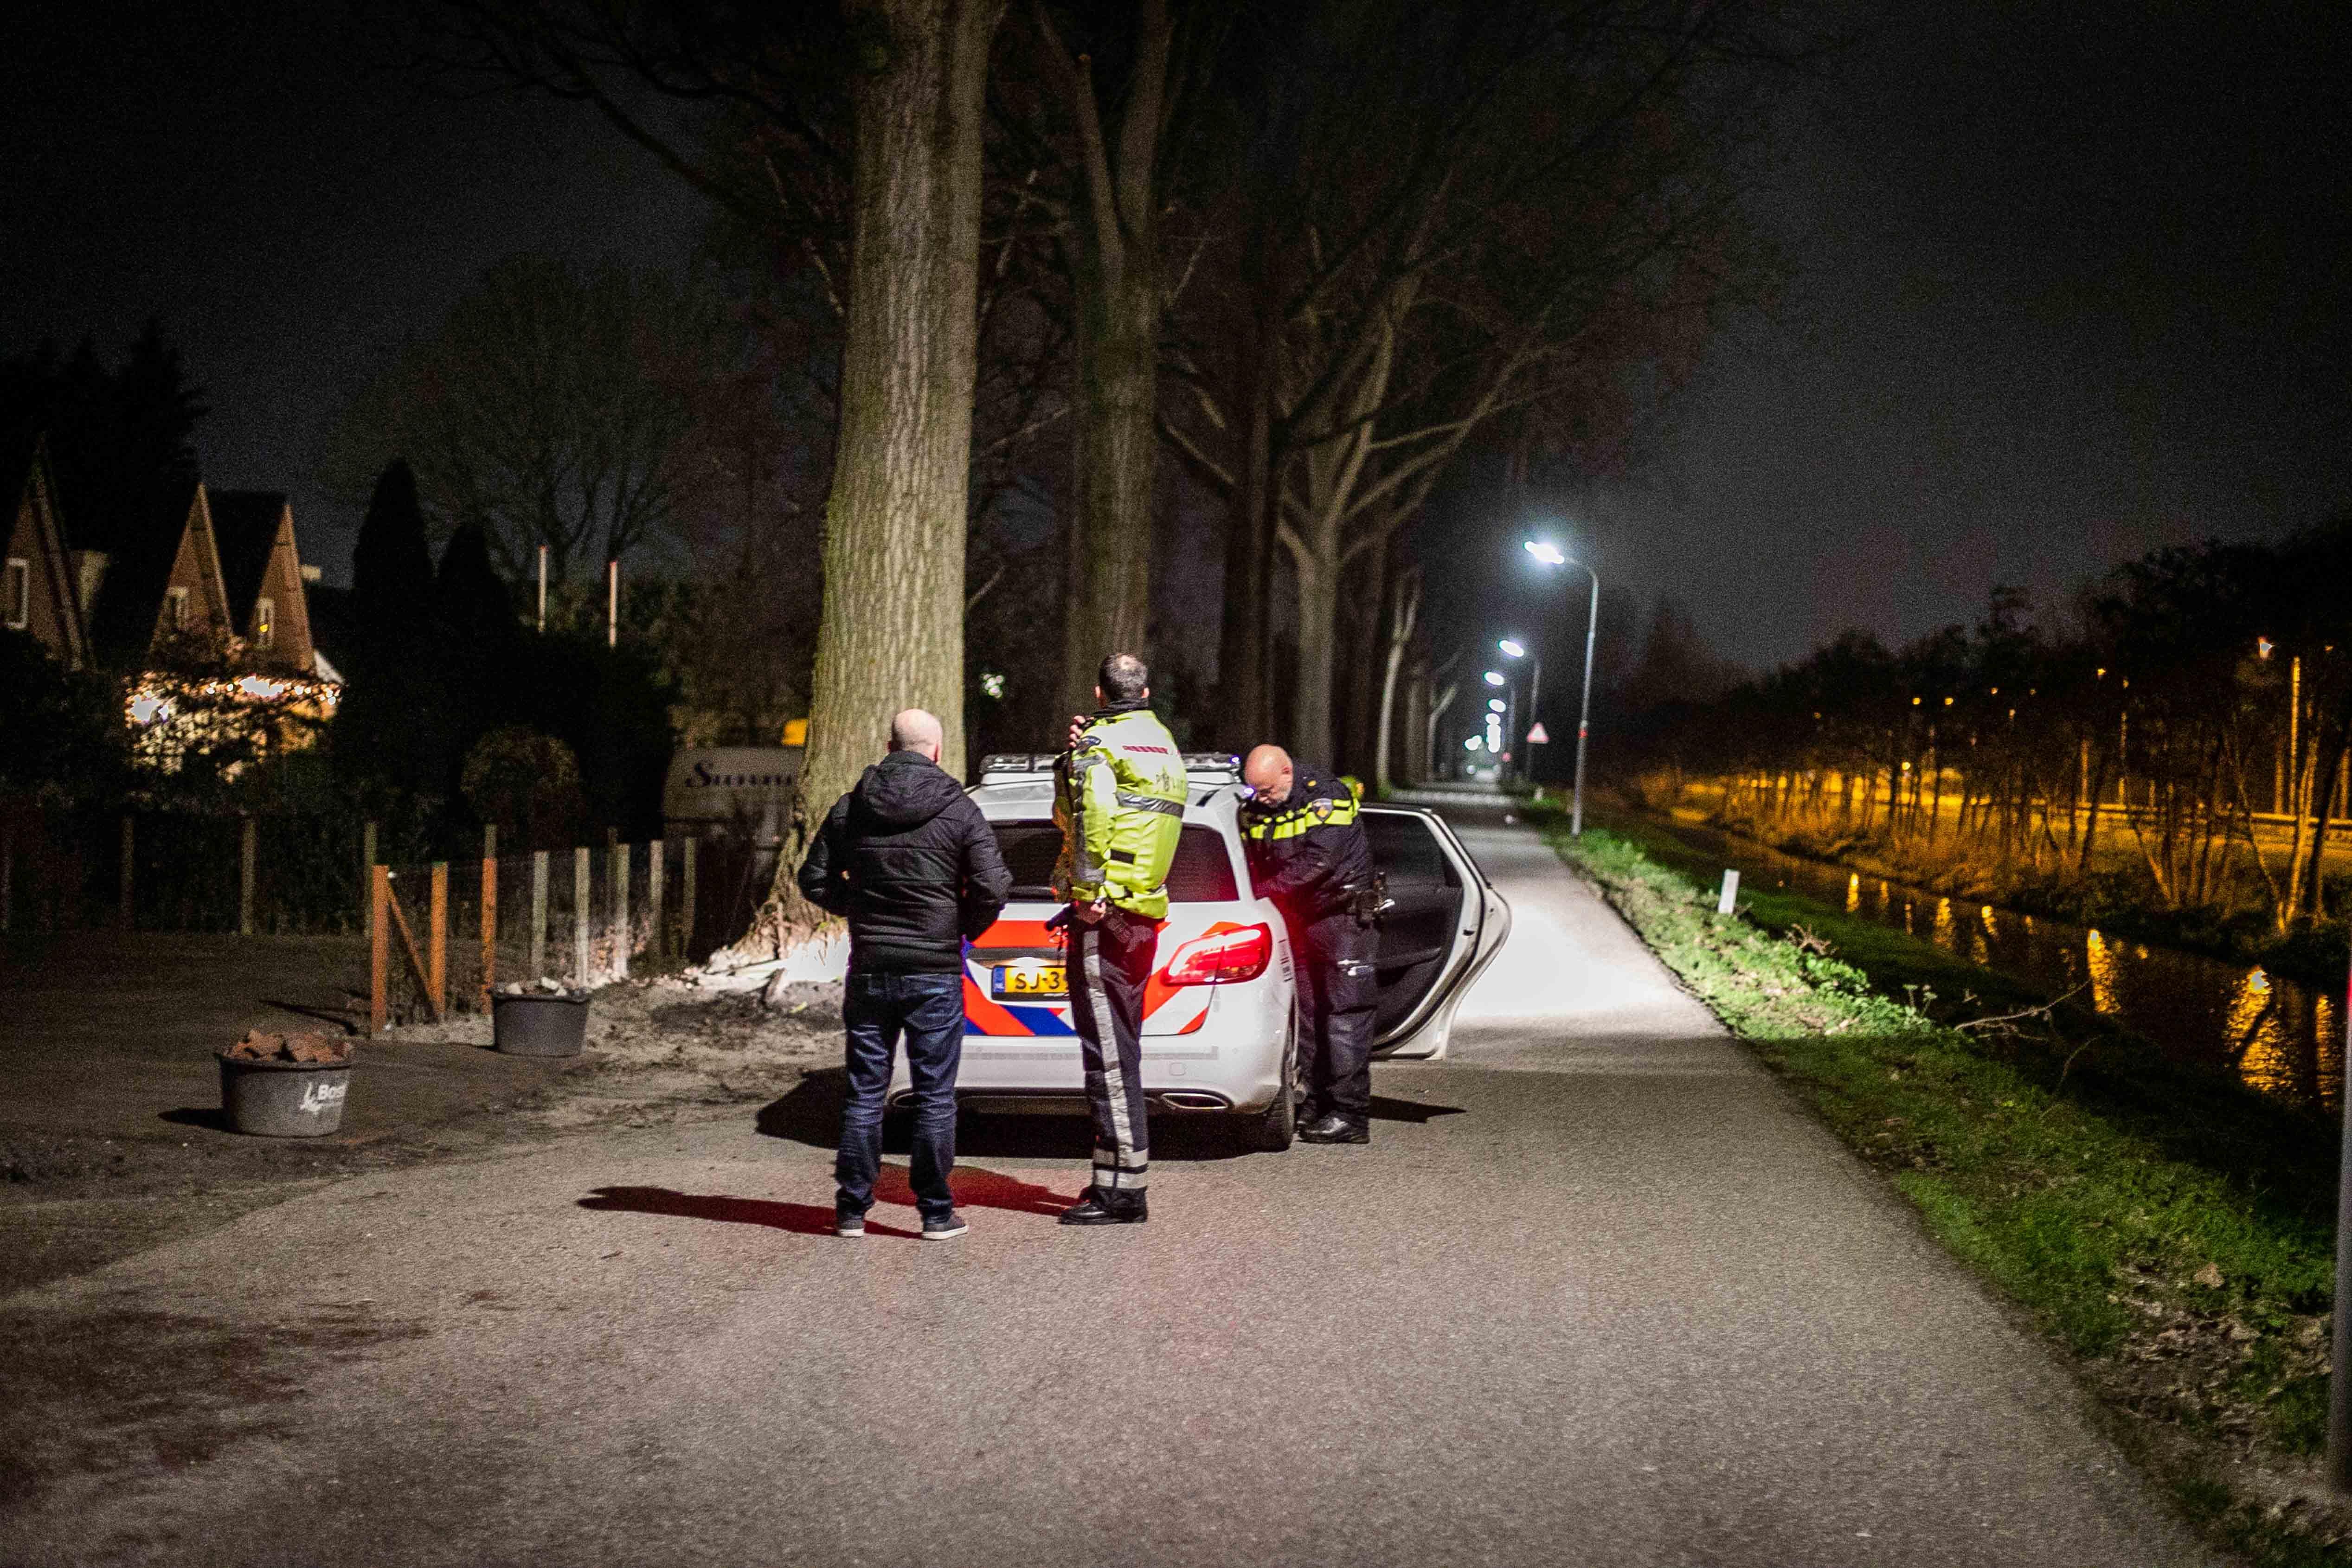 Verdachte aangehouden na inbraak bij bedrijventerrein Cruquius-Zuid, tweede verdachte voortvluchtig